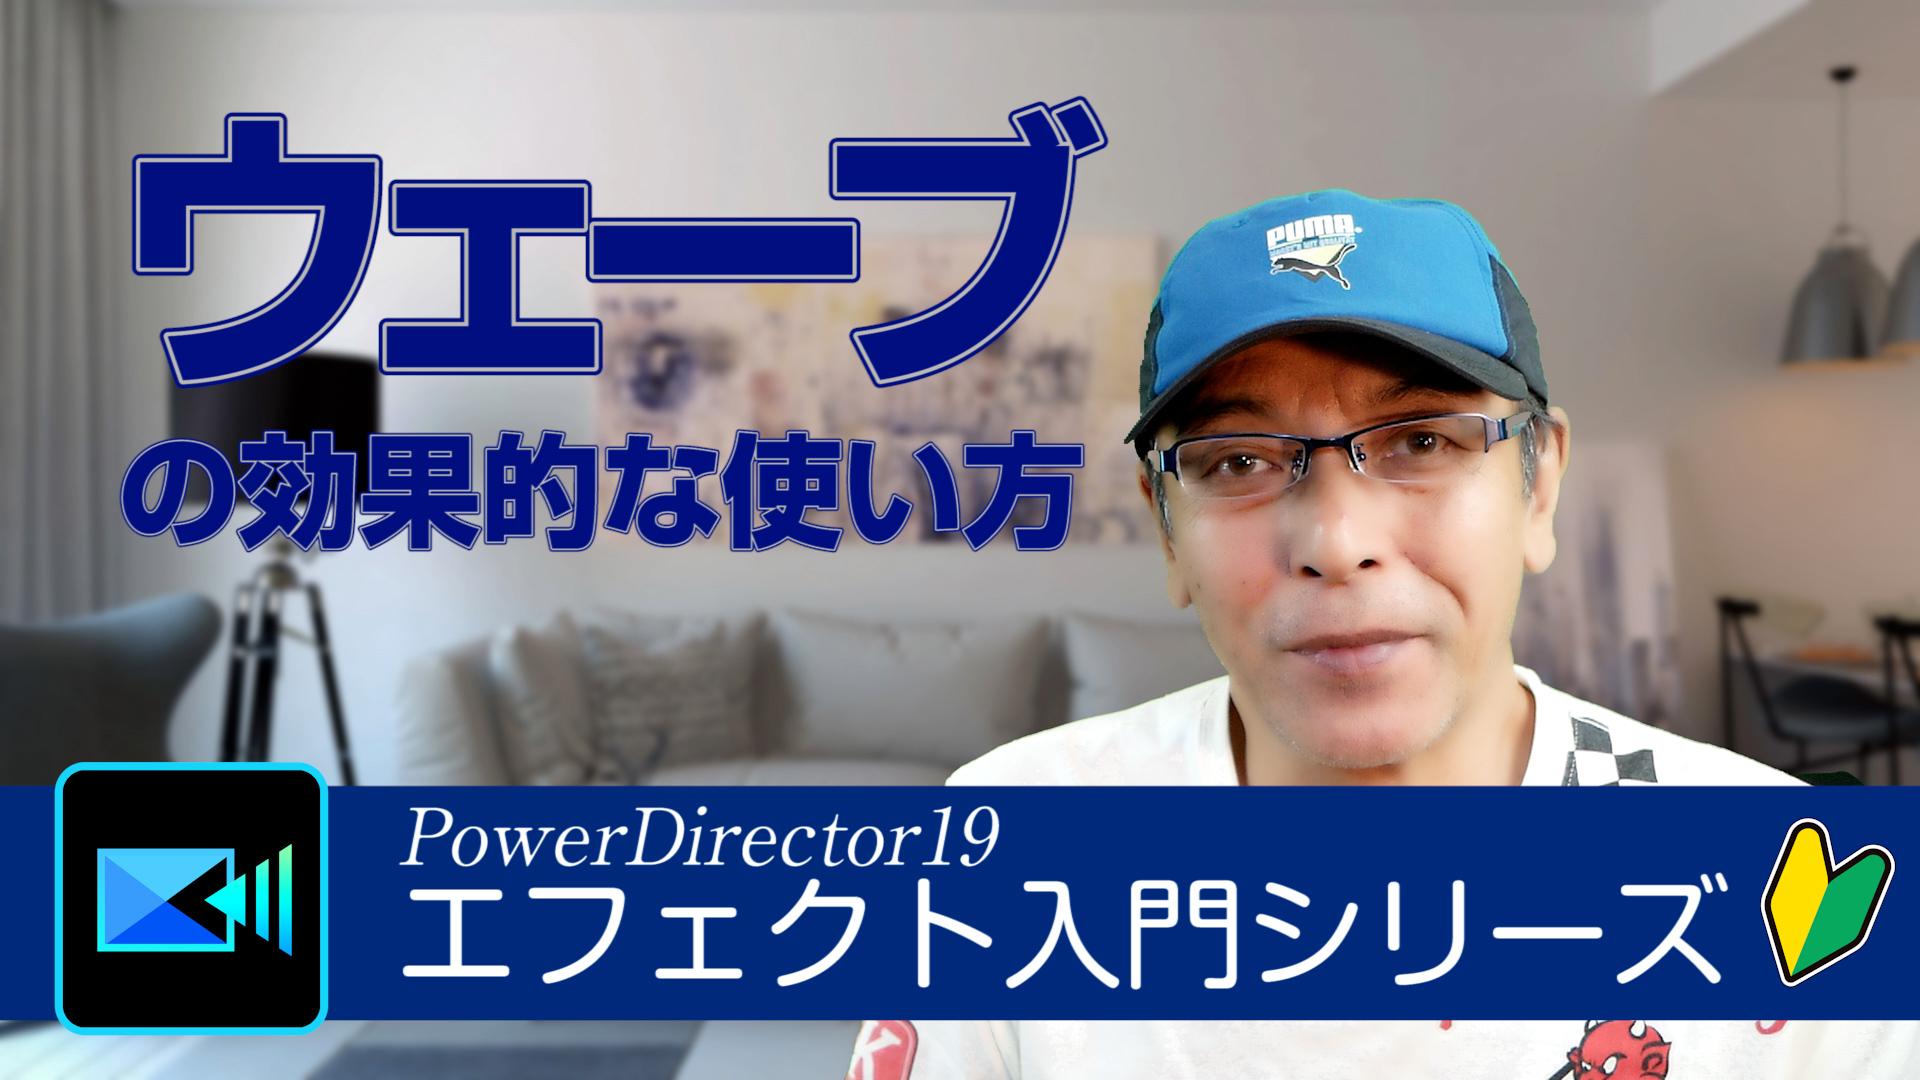 エフェクト(fx)入門シリーズ「ウェーブの効果的な使い方」- PowerDirector19 初心者さん向け動画編集講座